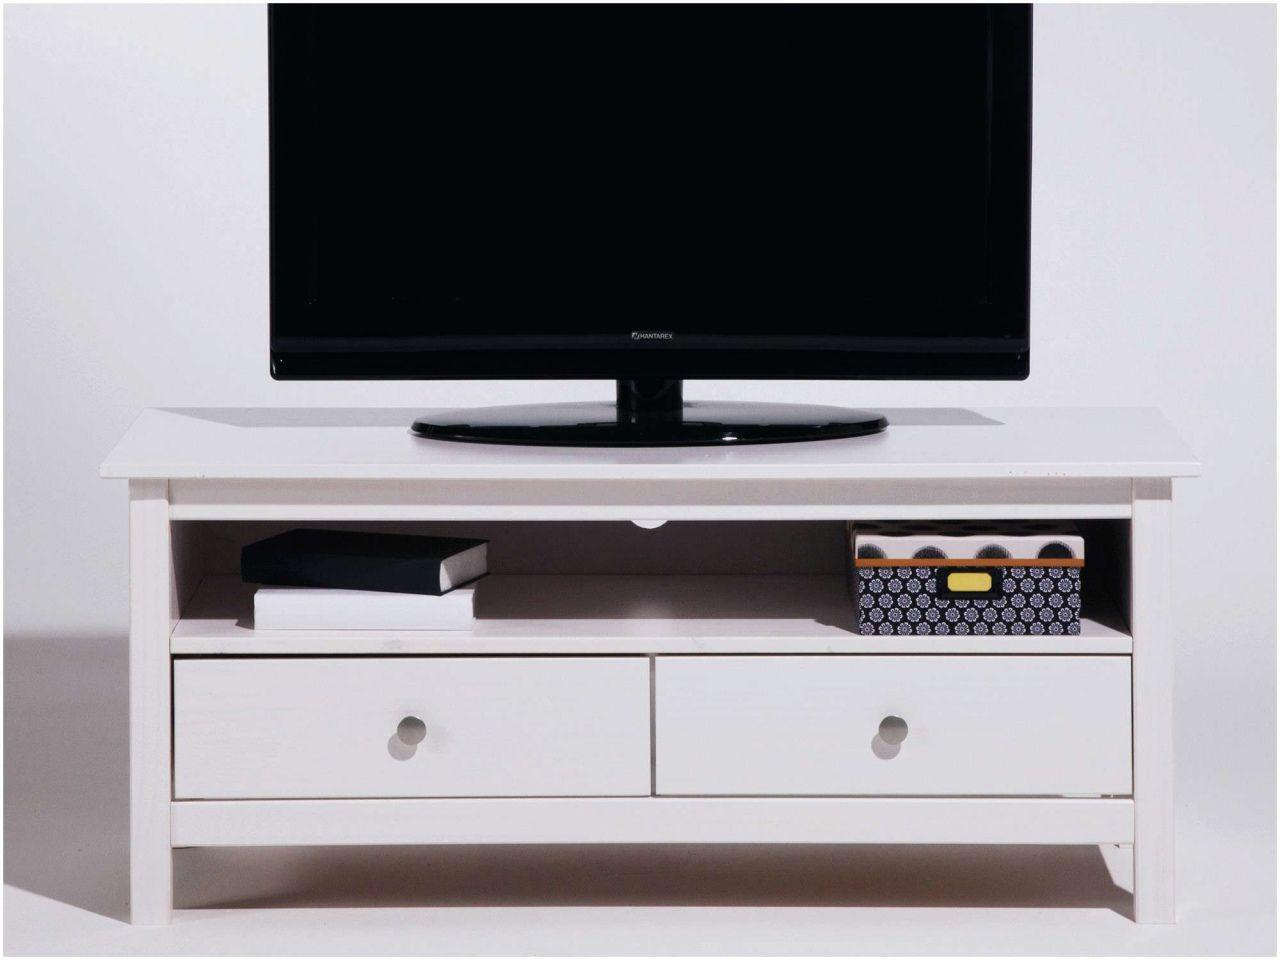 70 Fabriquer Un Meuble Tv En Palette Octobre 2018 Fabriquer Meuble Tv Meuble Tv Mobilier De Salon